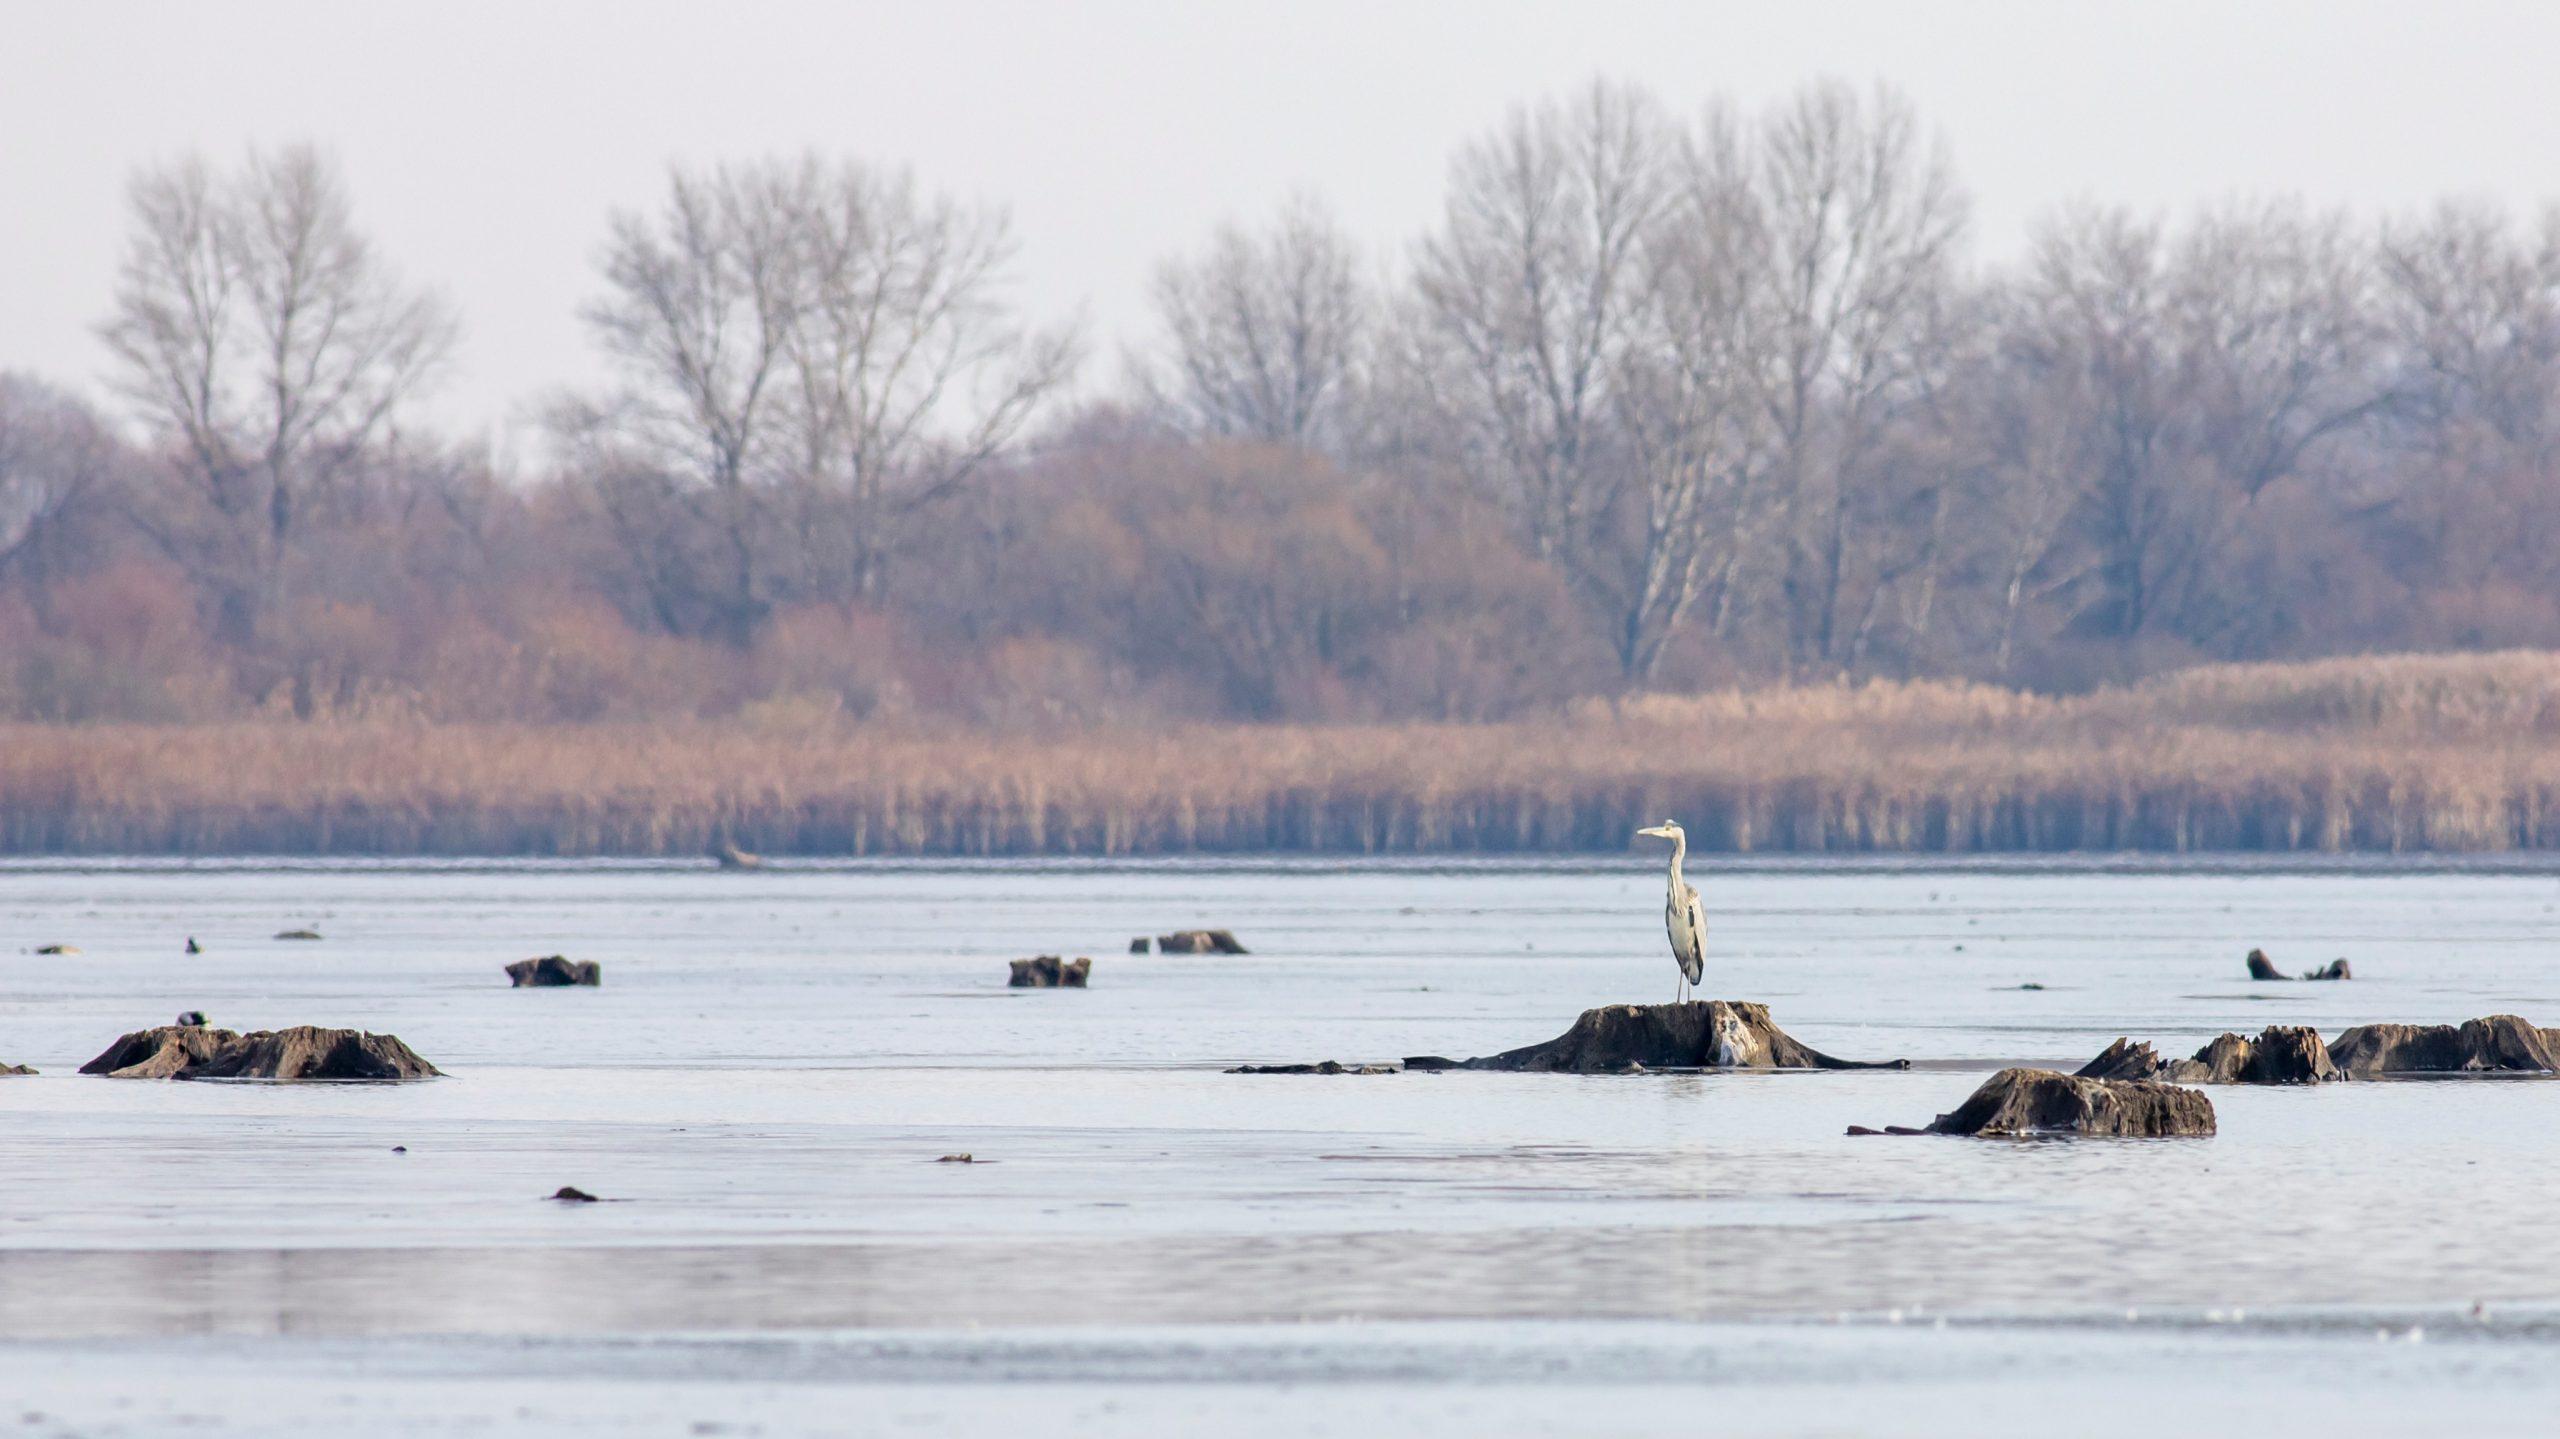 liba, lilik és kacsa csapatok a Tisza-tónál